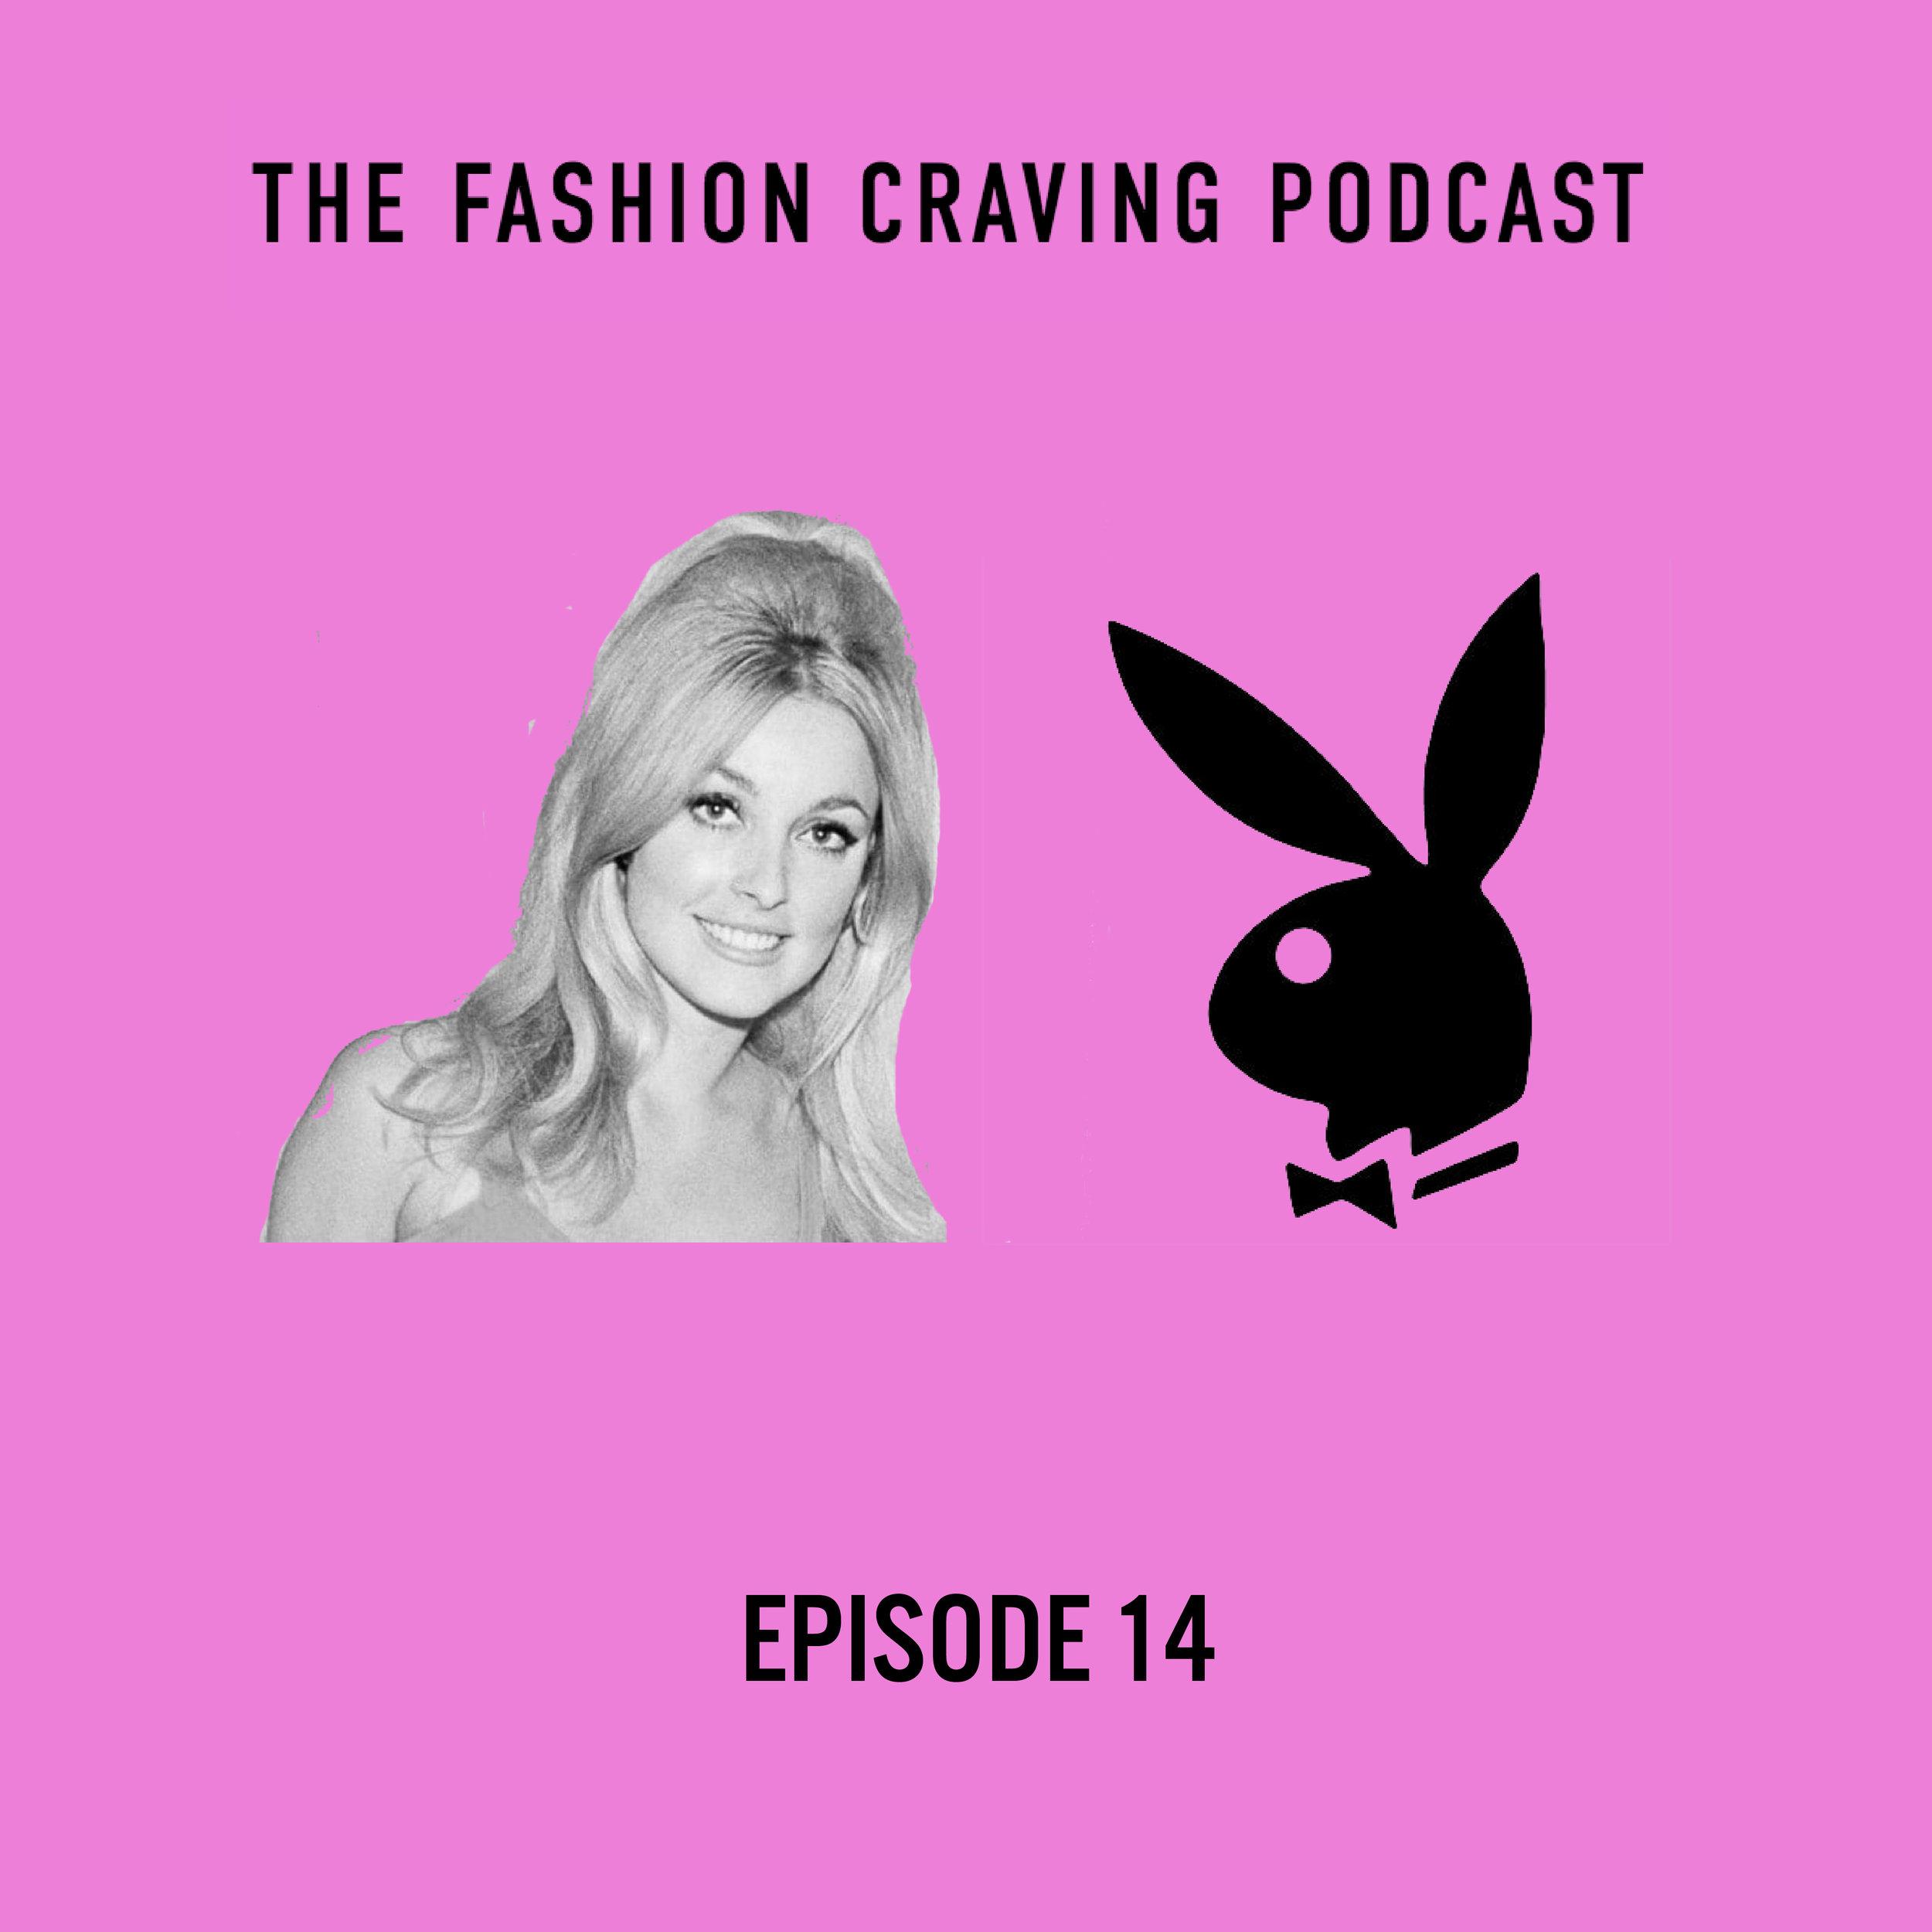 Ep. 14 fashion craving podcast- manson family- playboy- zelda wynn valdes.jpg